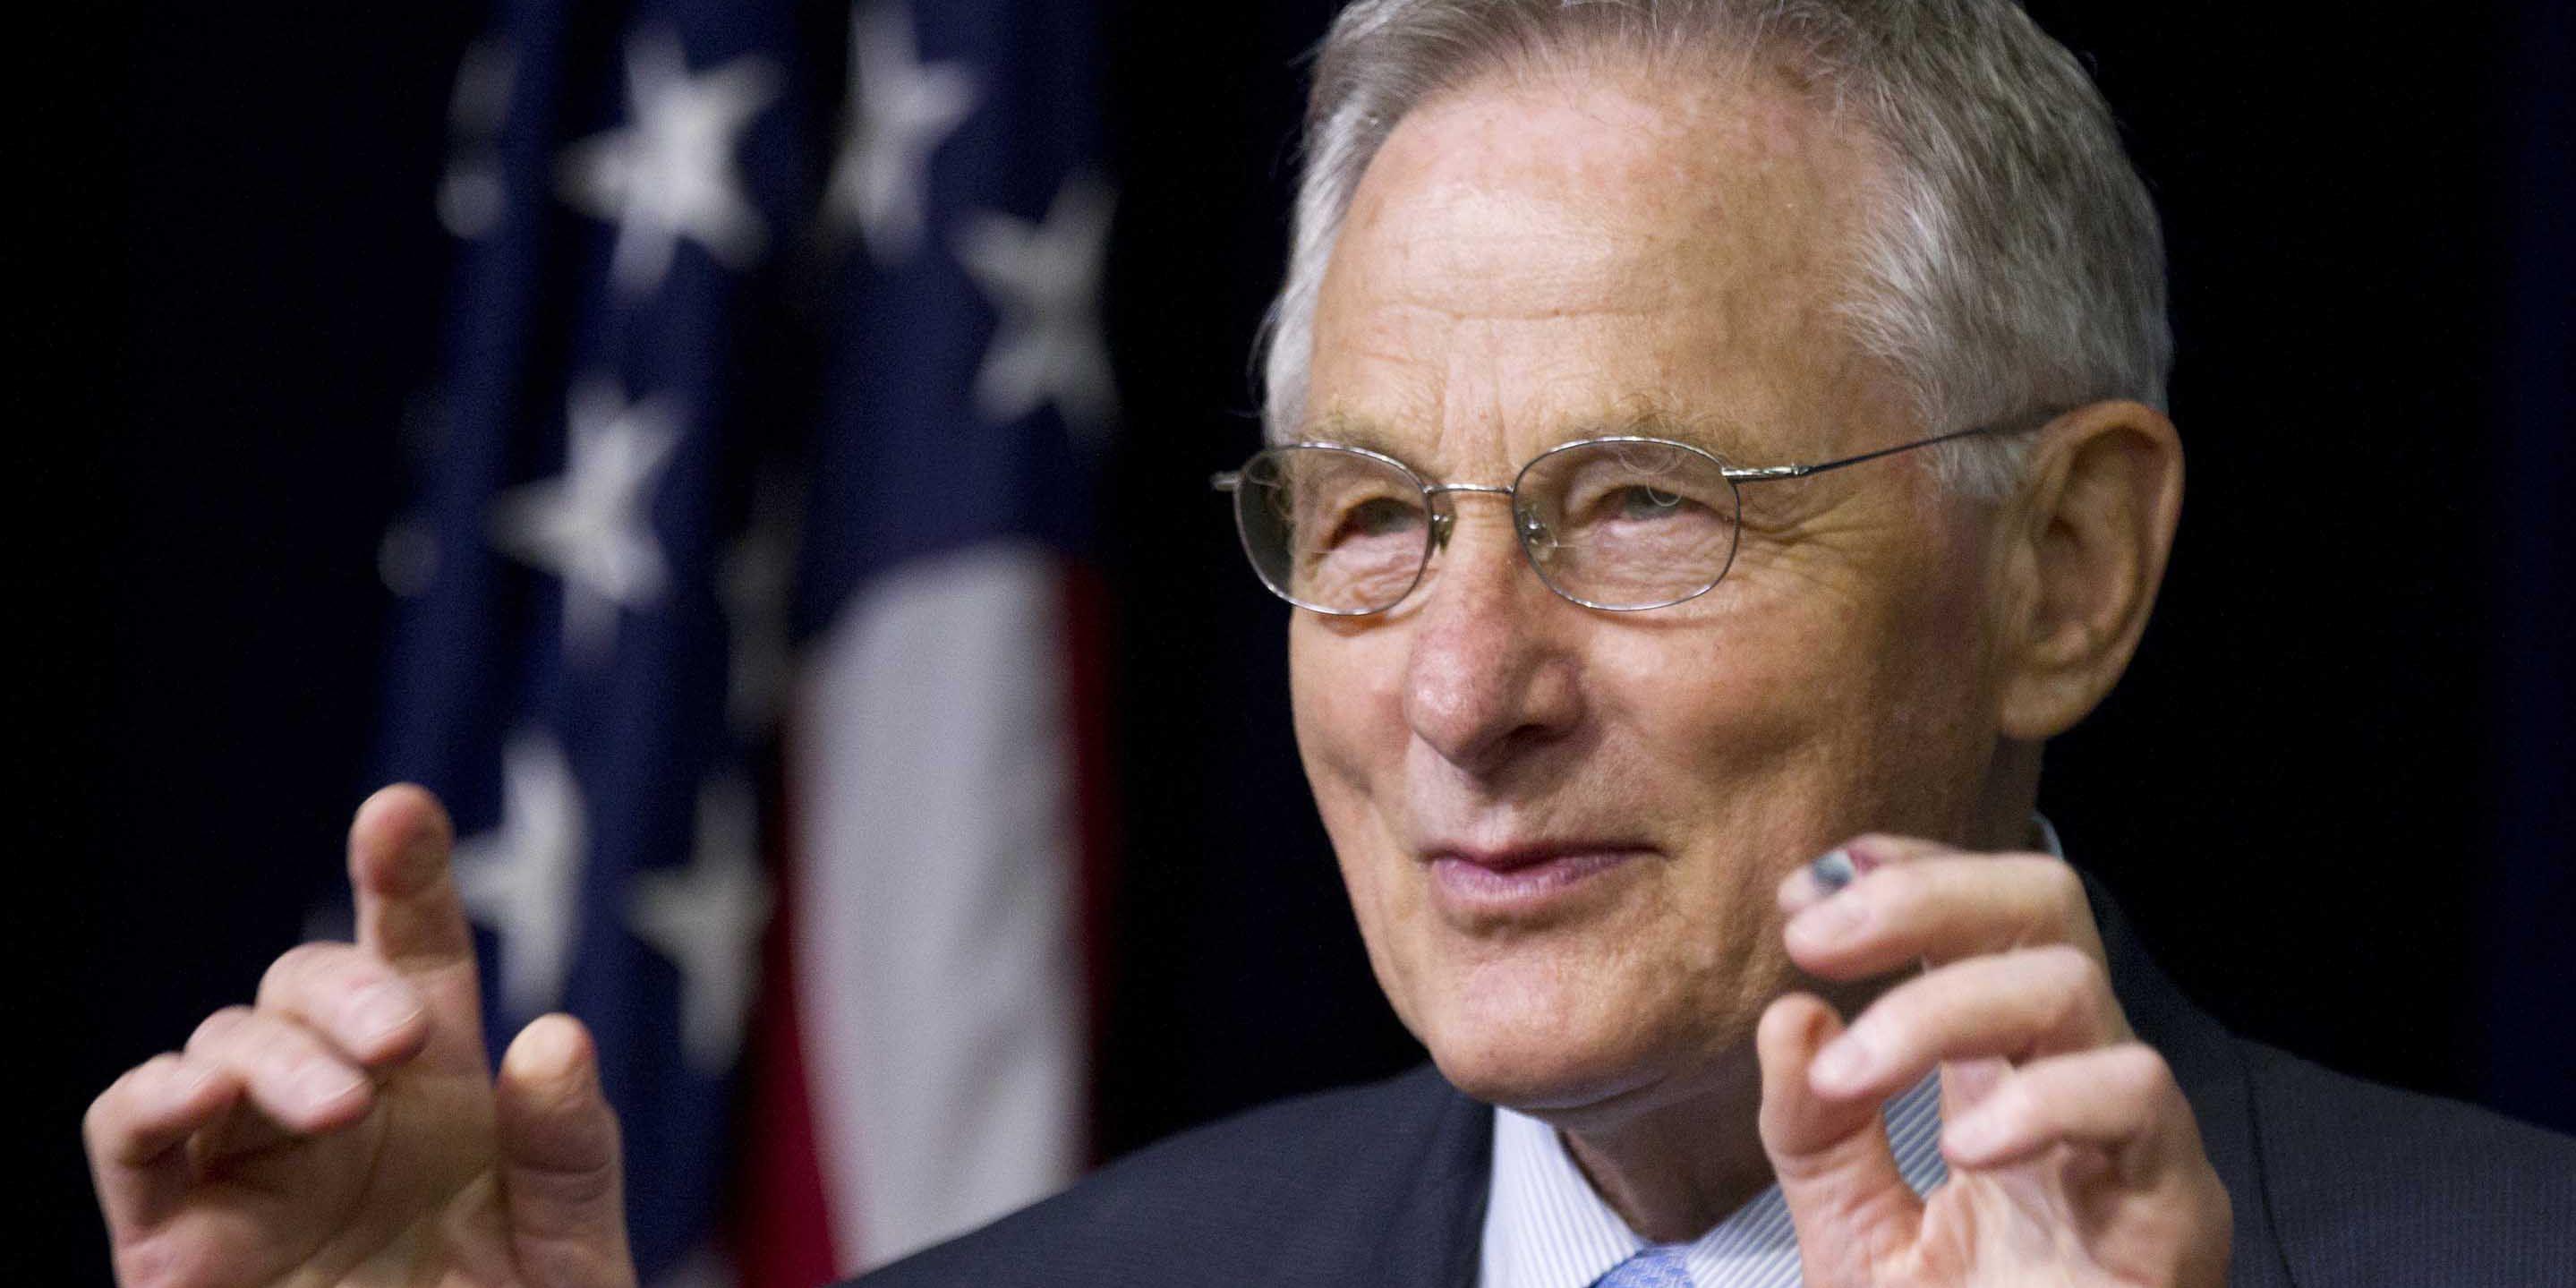 Sen. Birch Bayh, author of Title IX law, dies at age 91